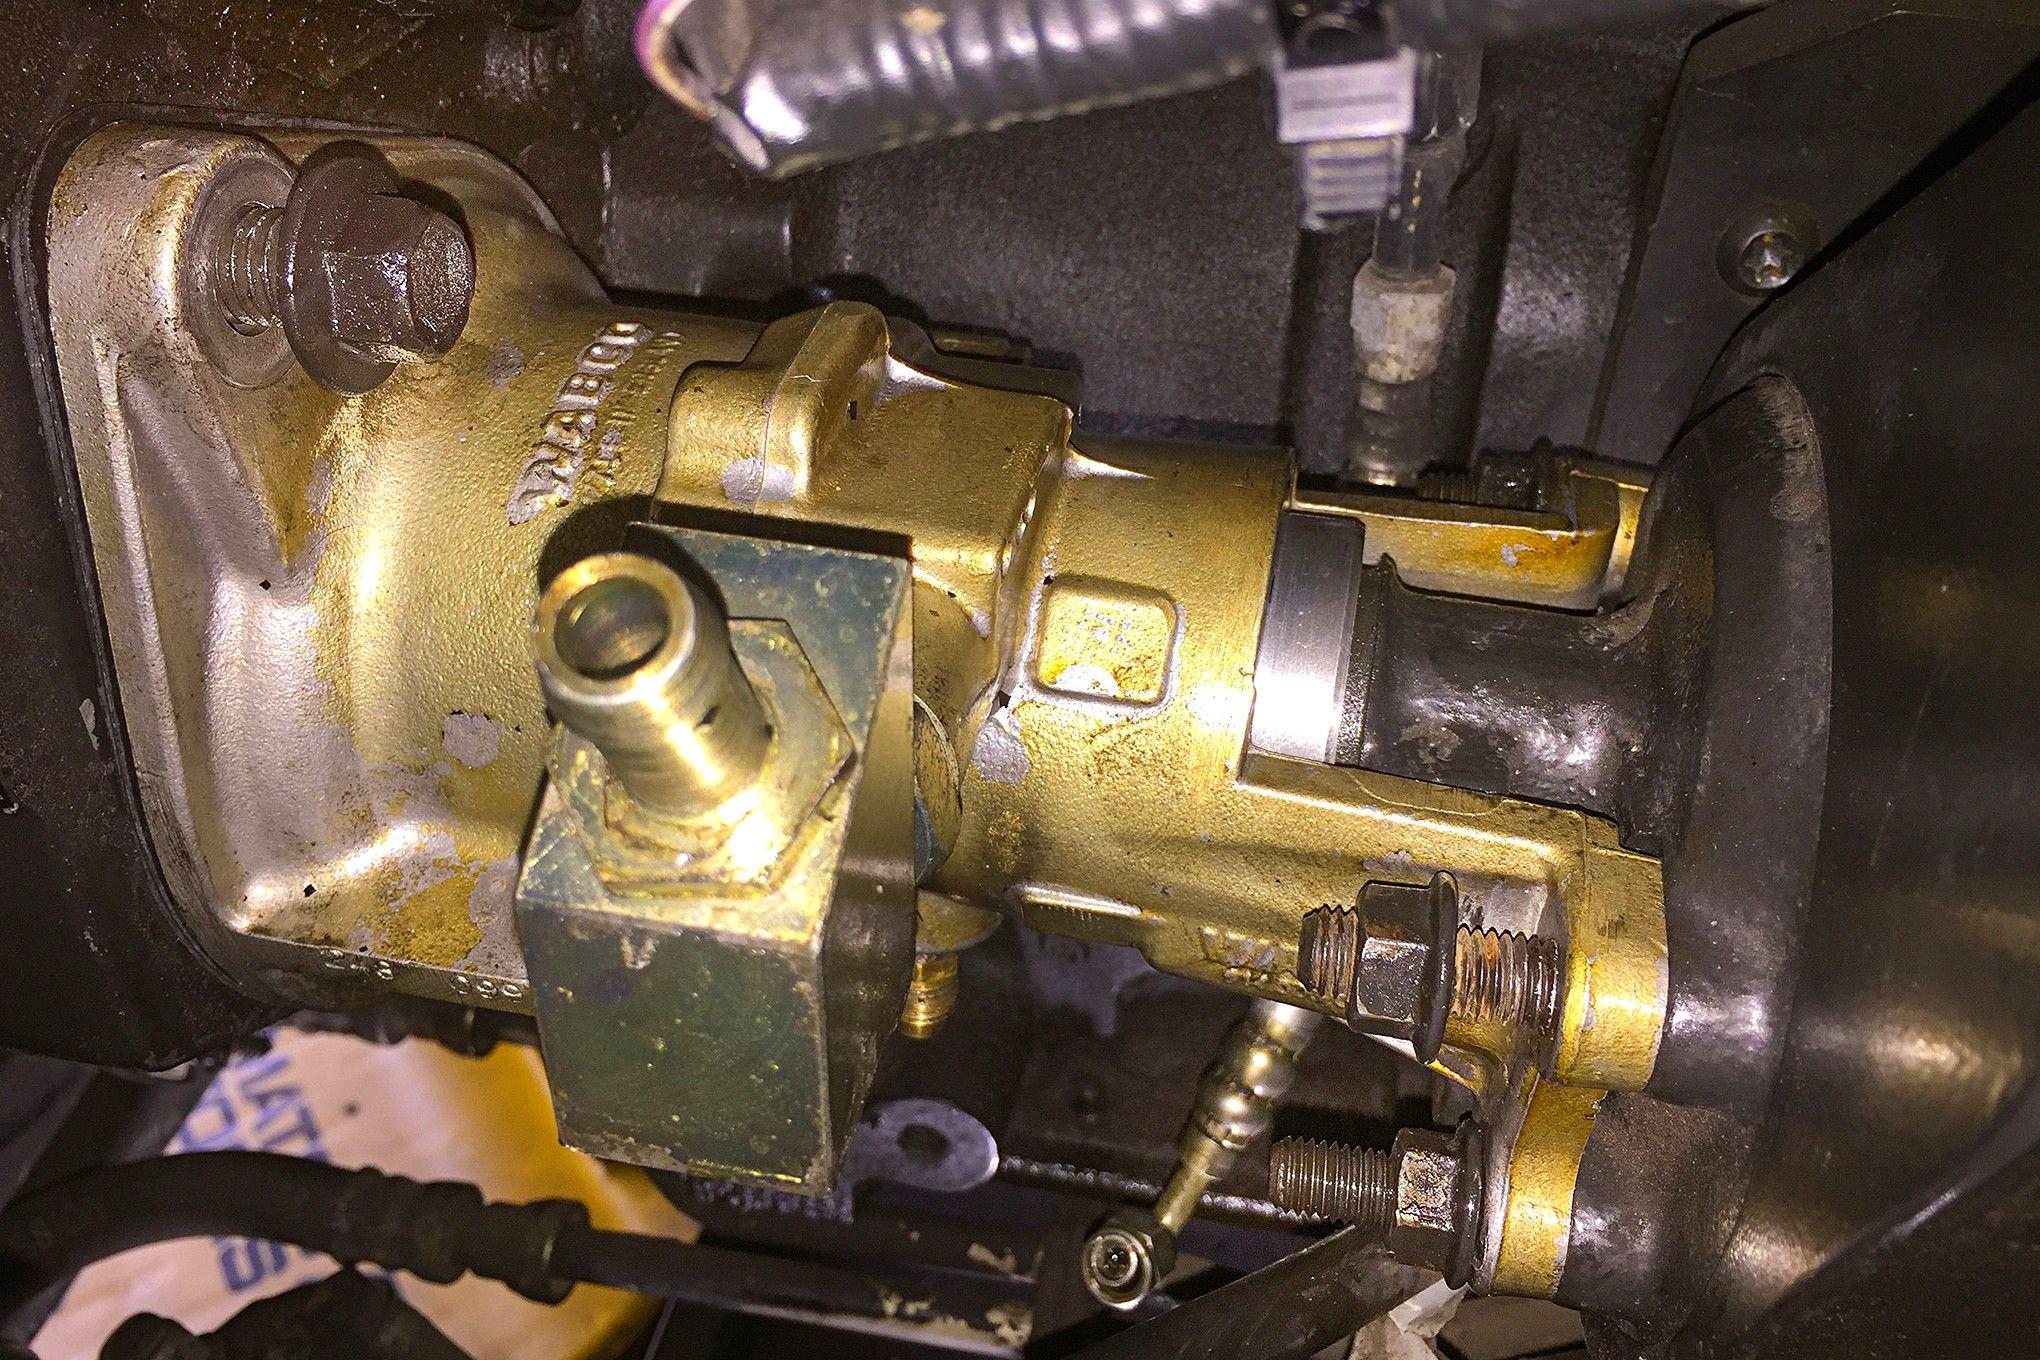 5 9 Cummins Engine Diagram How to Repair Cummins 5 9l Vacuum Pump Oil Leak Of 5 9 Cummins Engine Diagram